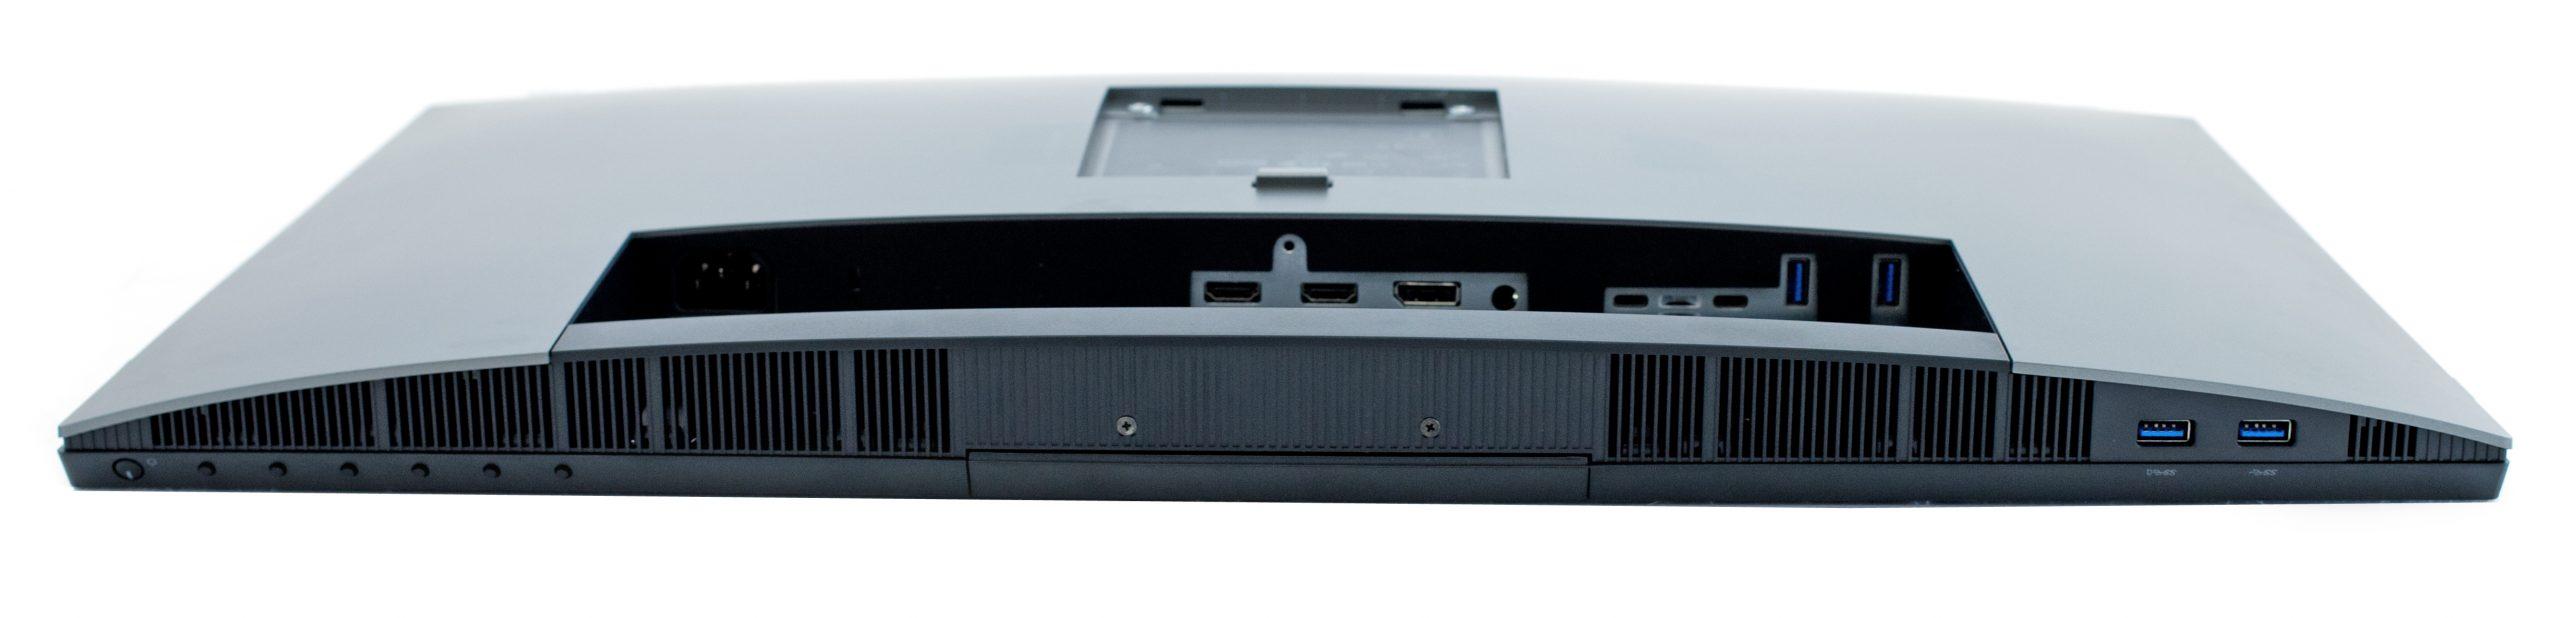 Dell UltraSharp UP2720Q Ports